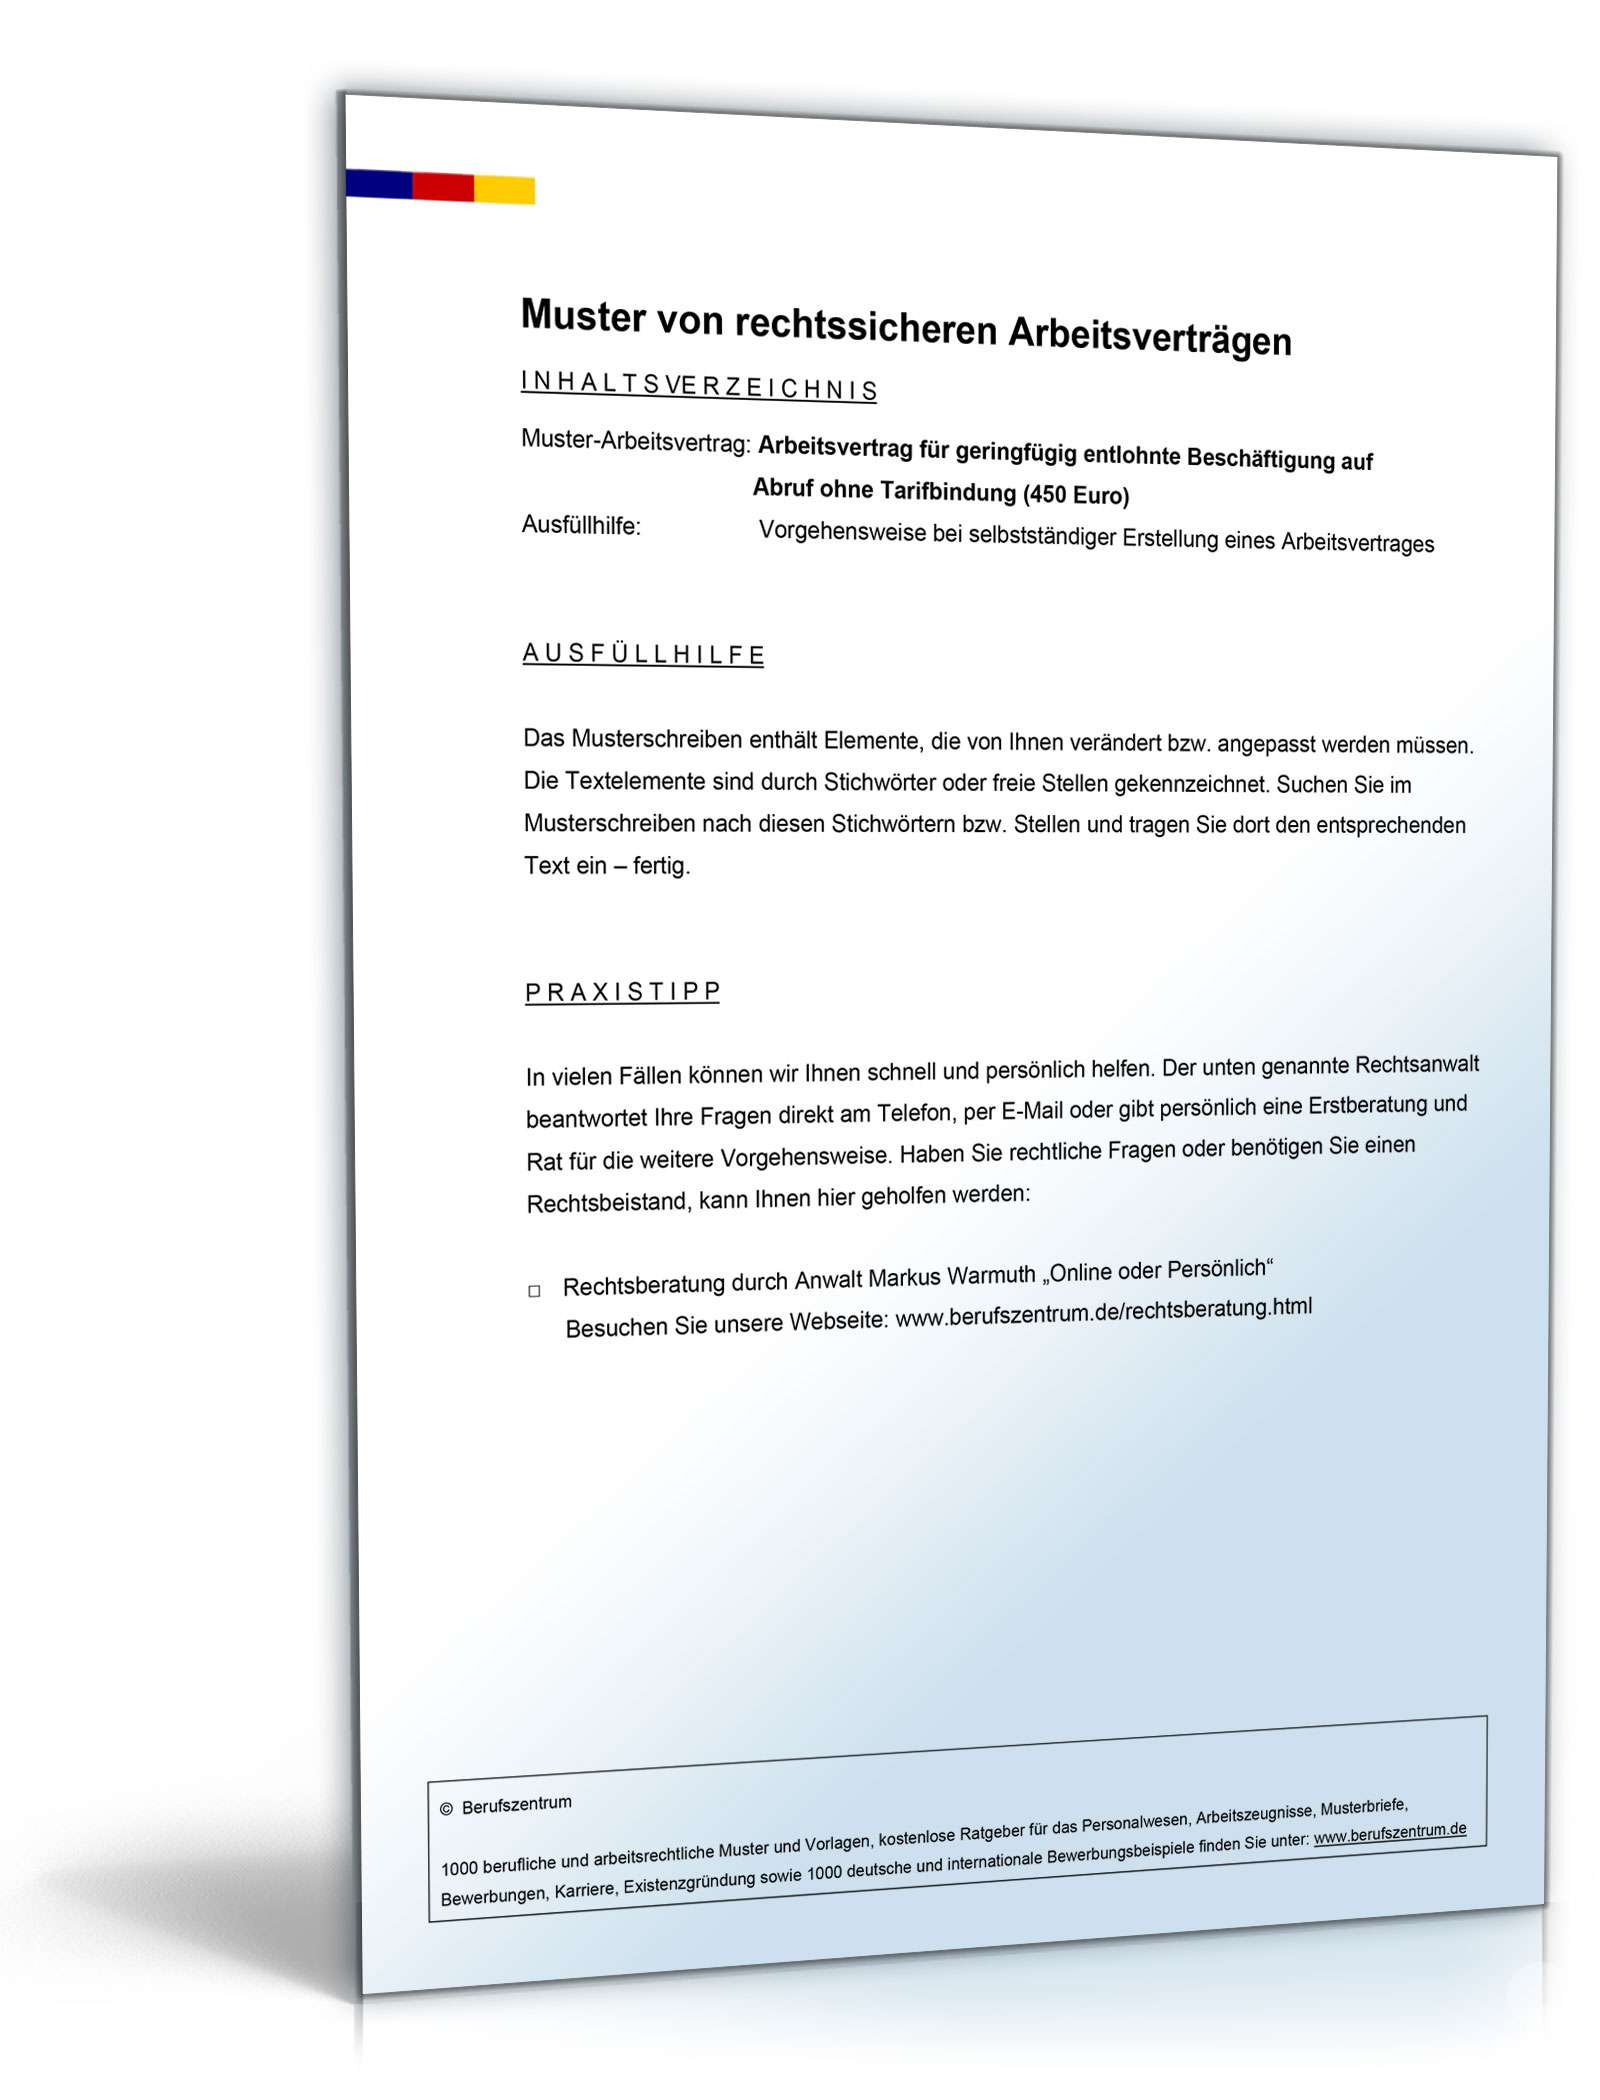 pdf seite 2 - Arbeitsvertrag Minijob Muster